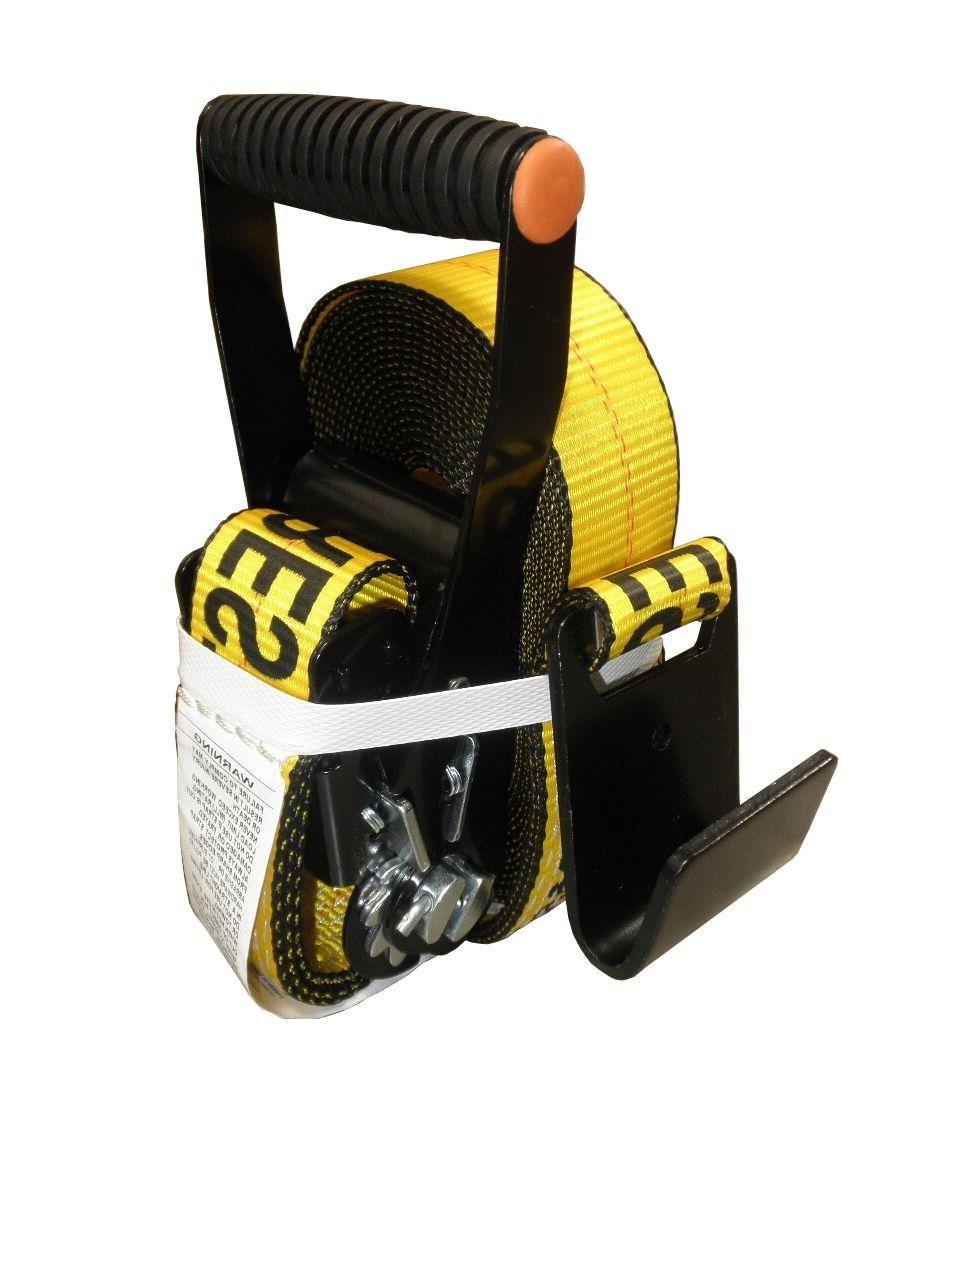 premium straps 2 in x 30 ft